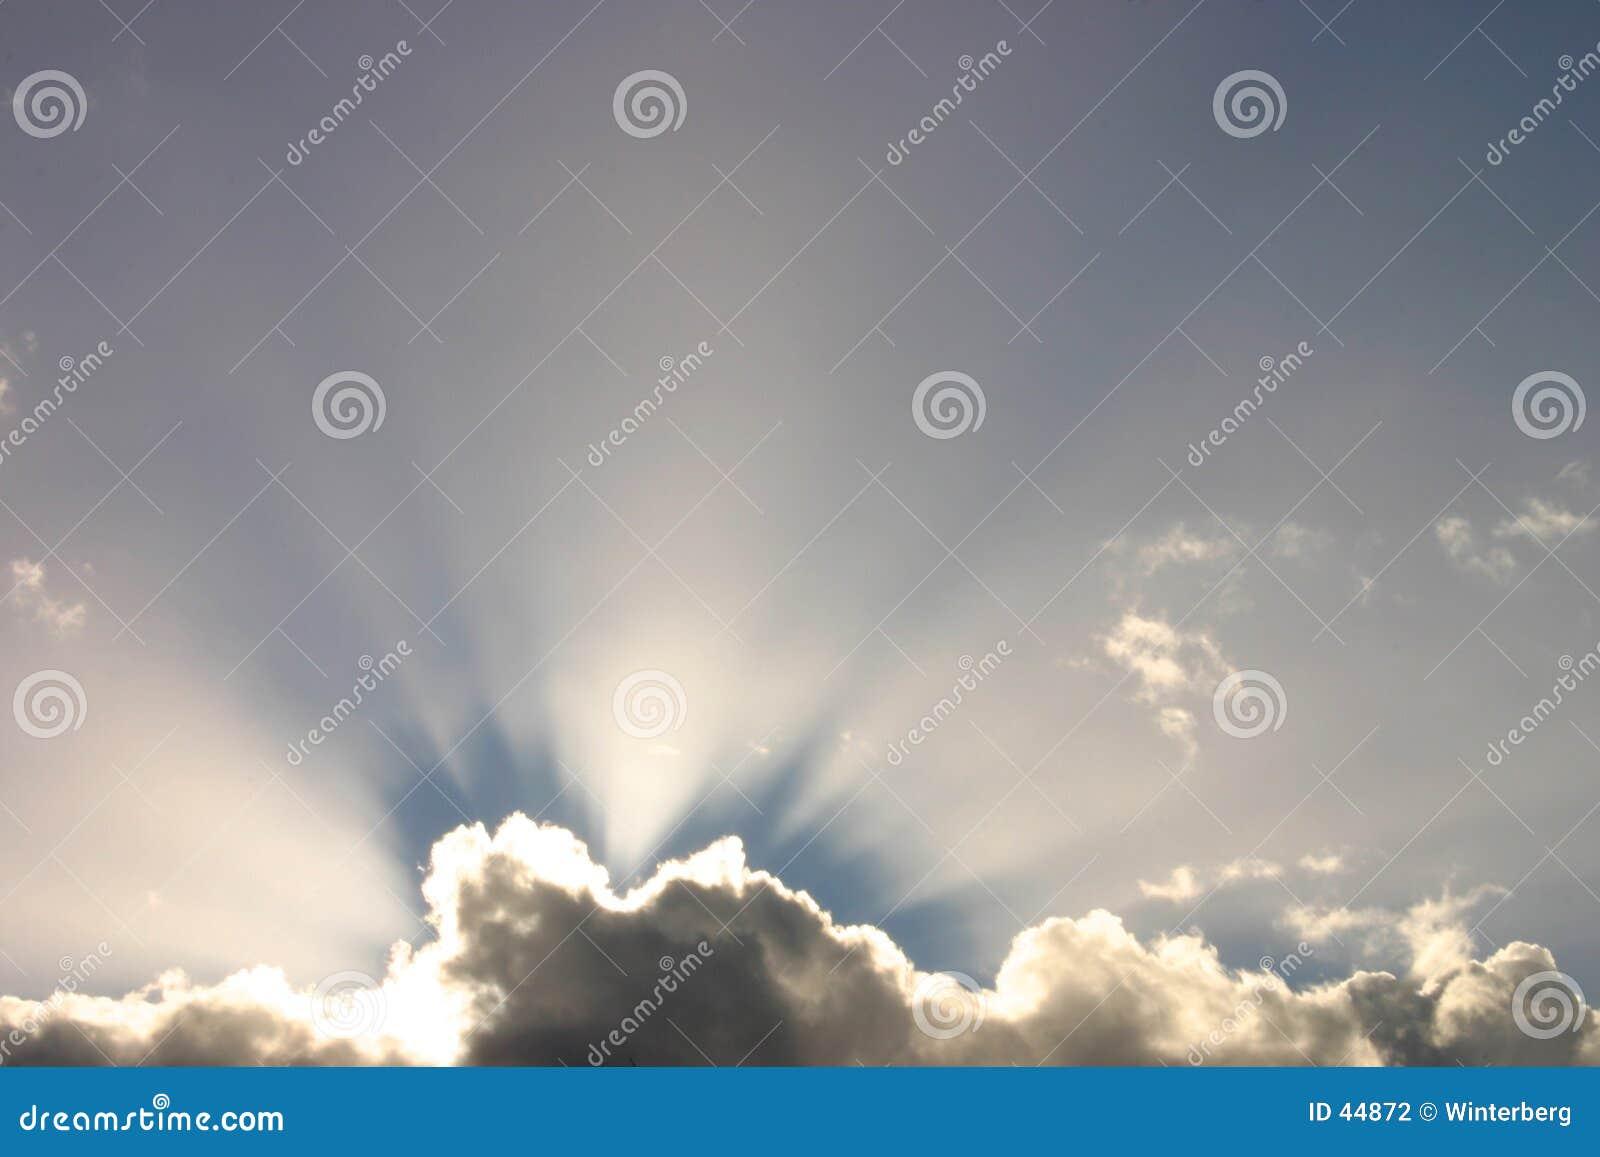 Download Rayos de sol foto de archivo. Imagen de cielo, viga, azul - 44872